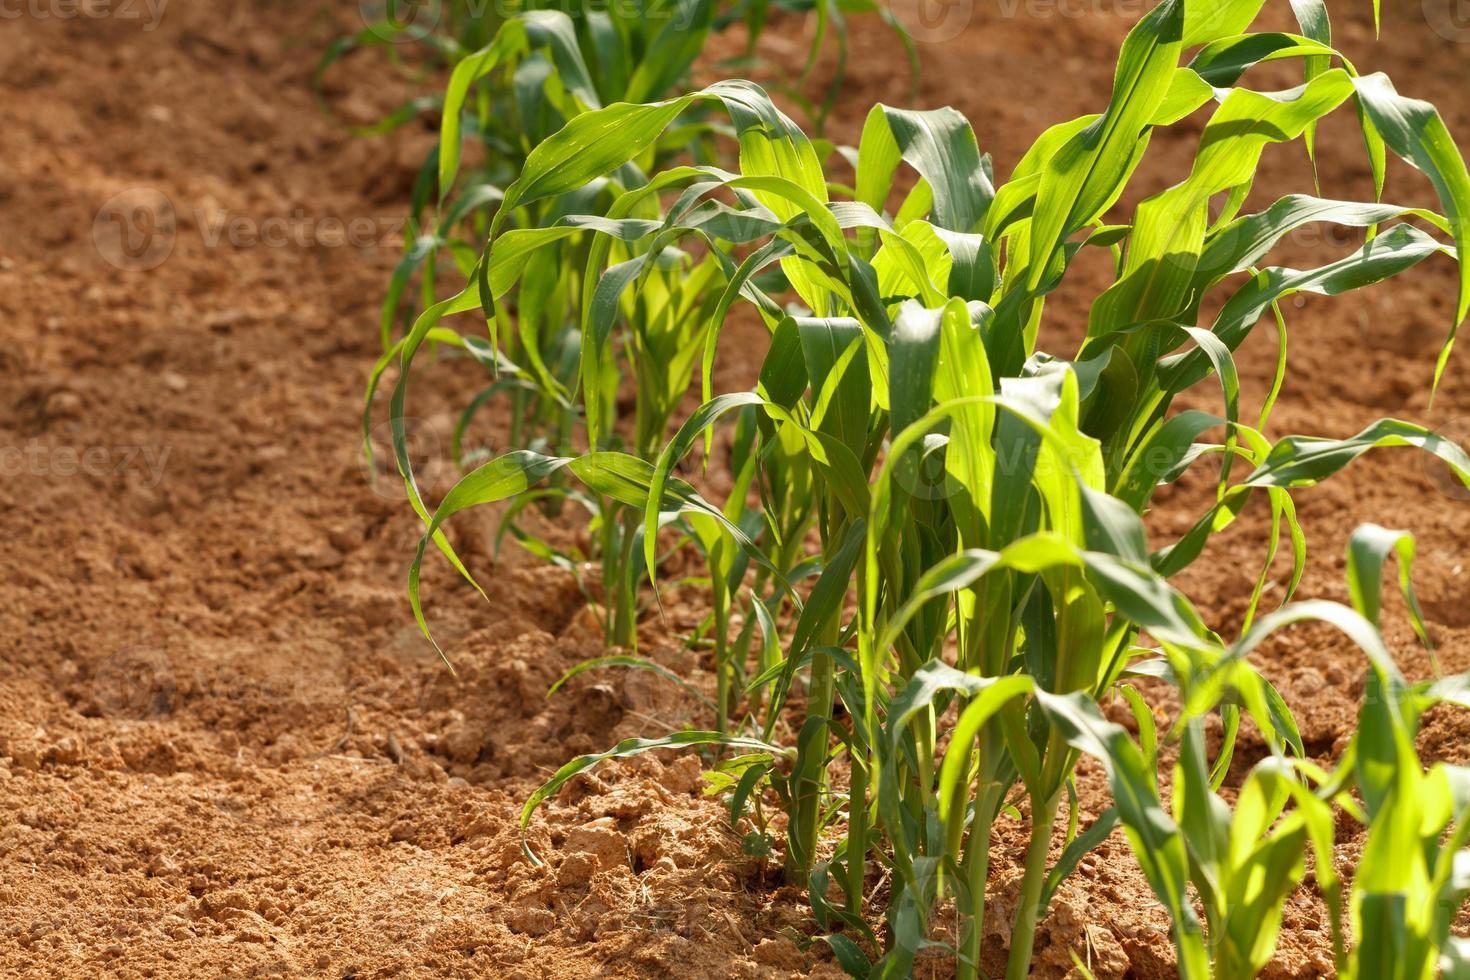 seule rangée de jeunes plants de maïs dans un jardin de campagne photo